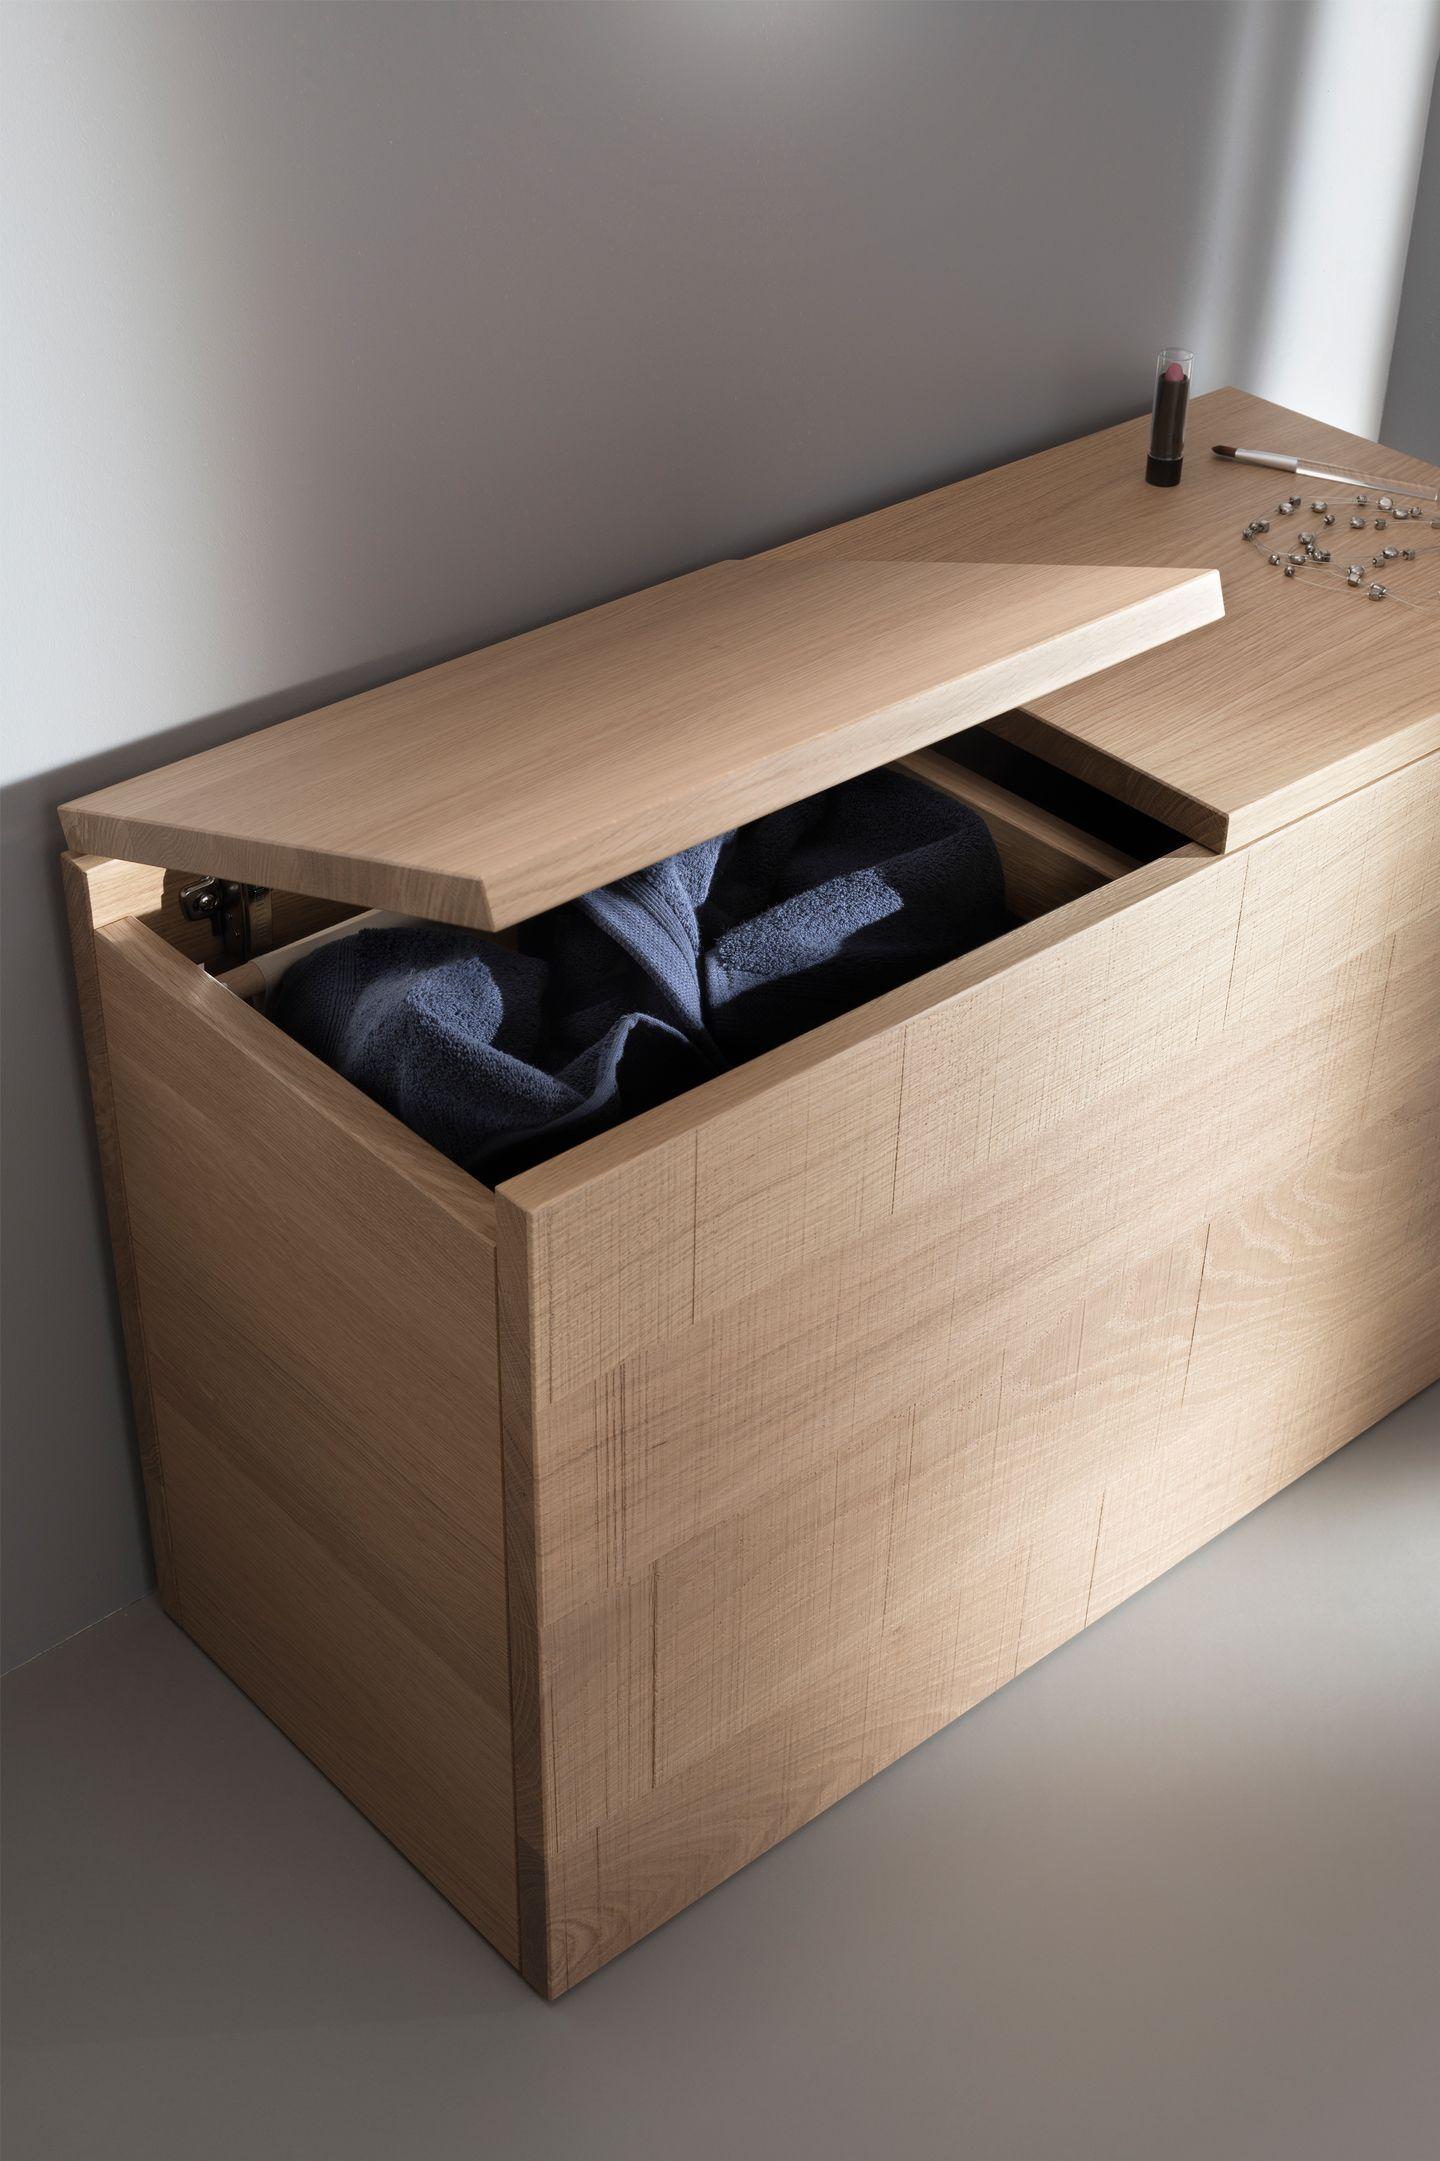 Banc Coffre Linge Salle De Bain Chambre Maisonn101 Com Badezimmer Dachgeschoss Wohnung Planen Grosse Badezimmer